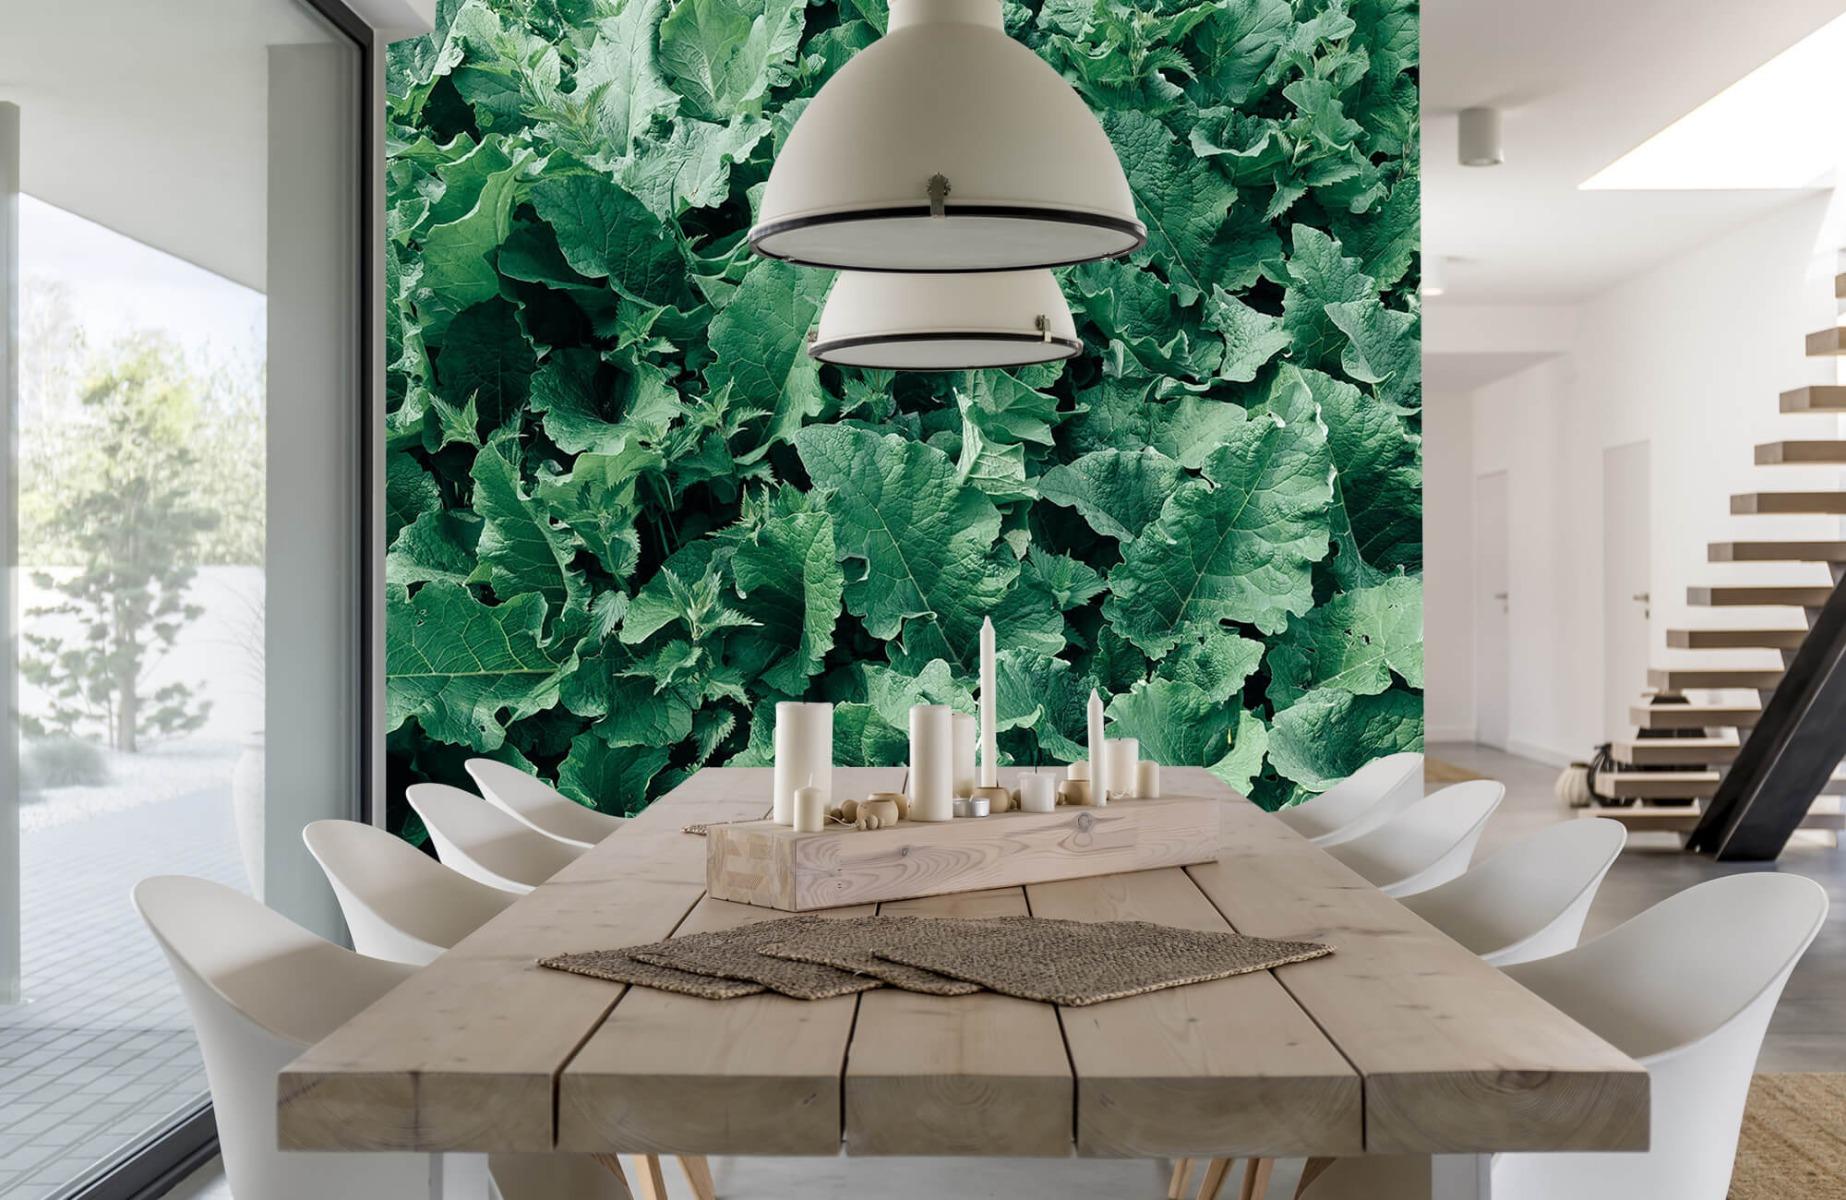 Bladeren - Gedetailleerd groen bladerdek - Wallexclusive - Slaapkamer 2